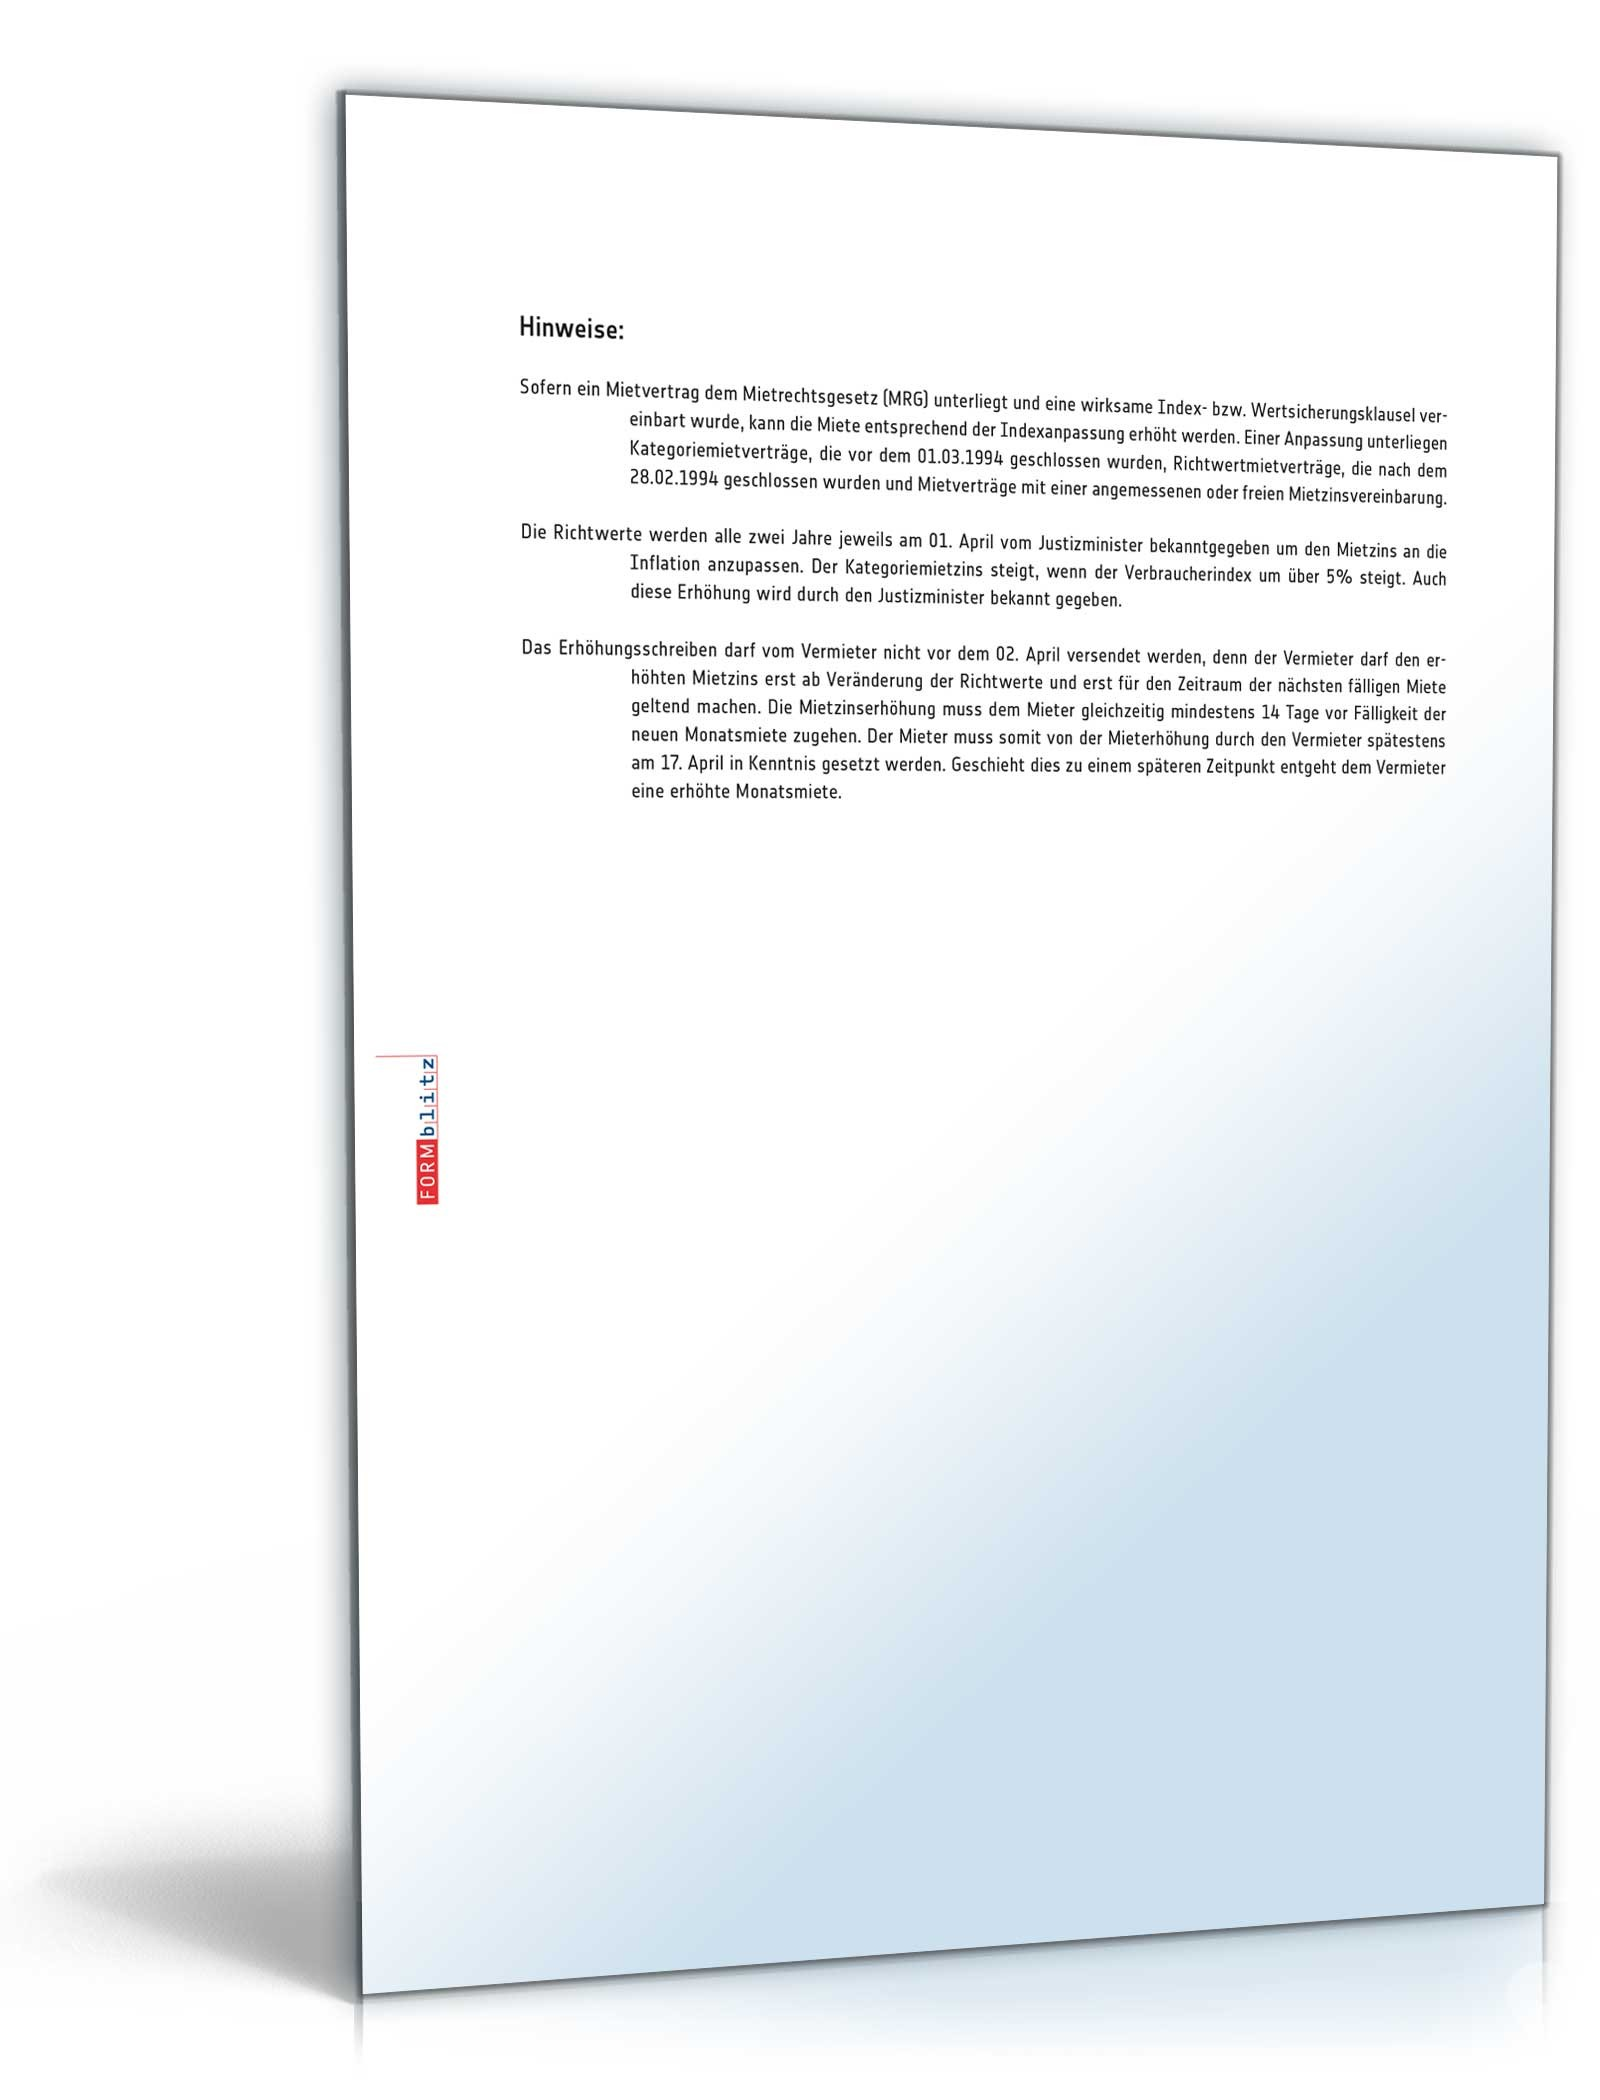 Beste Basis Mietvertrag Vorlage Bilder - Beispielzusammenfassung ...